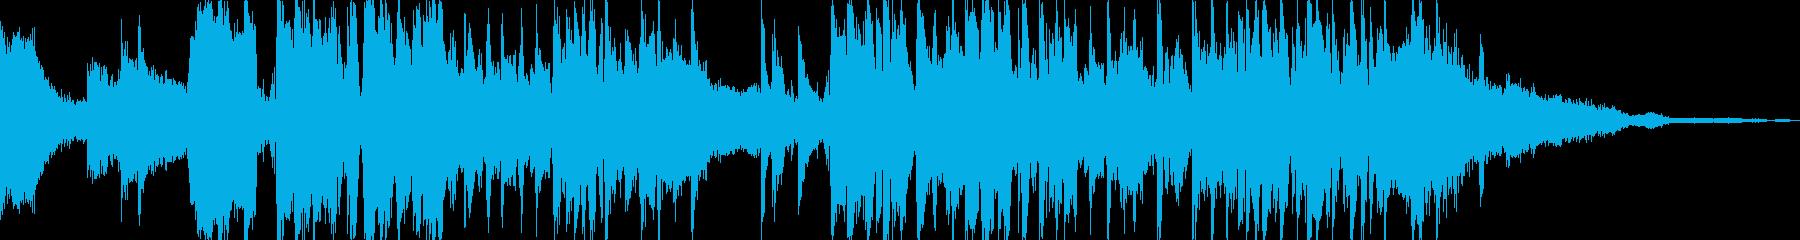 エレクトロニック アクション 静か...の再生済みの波形